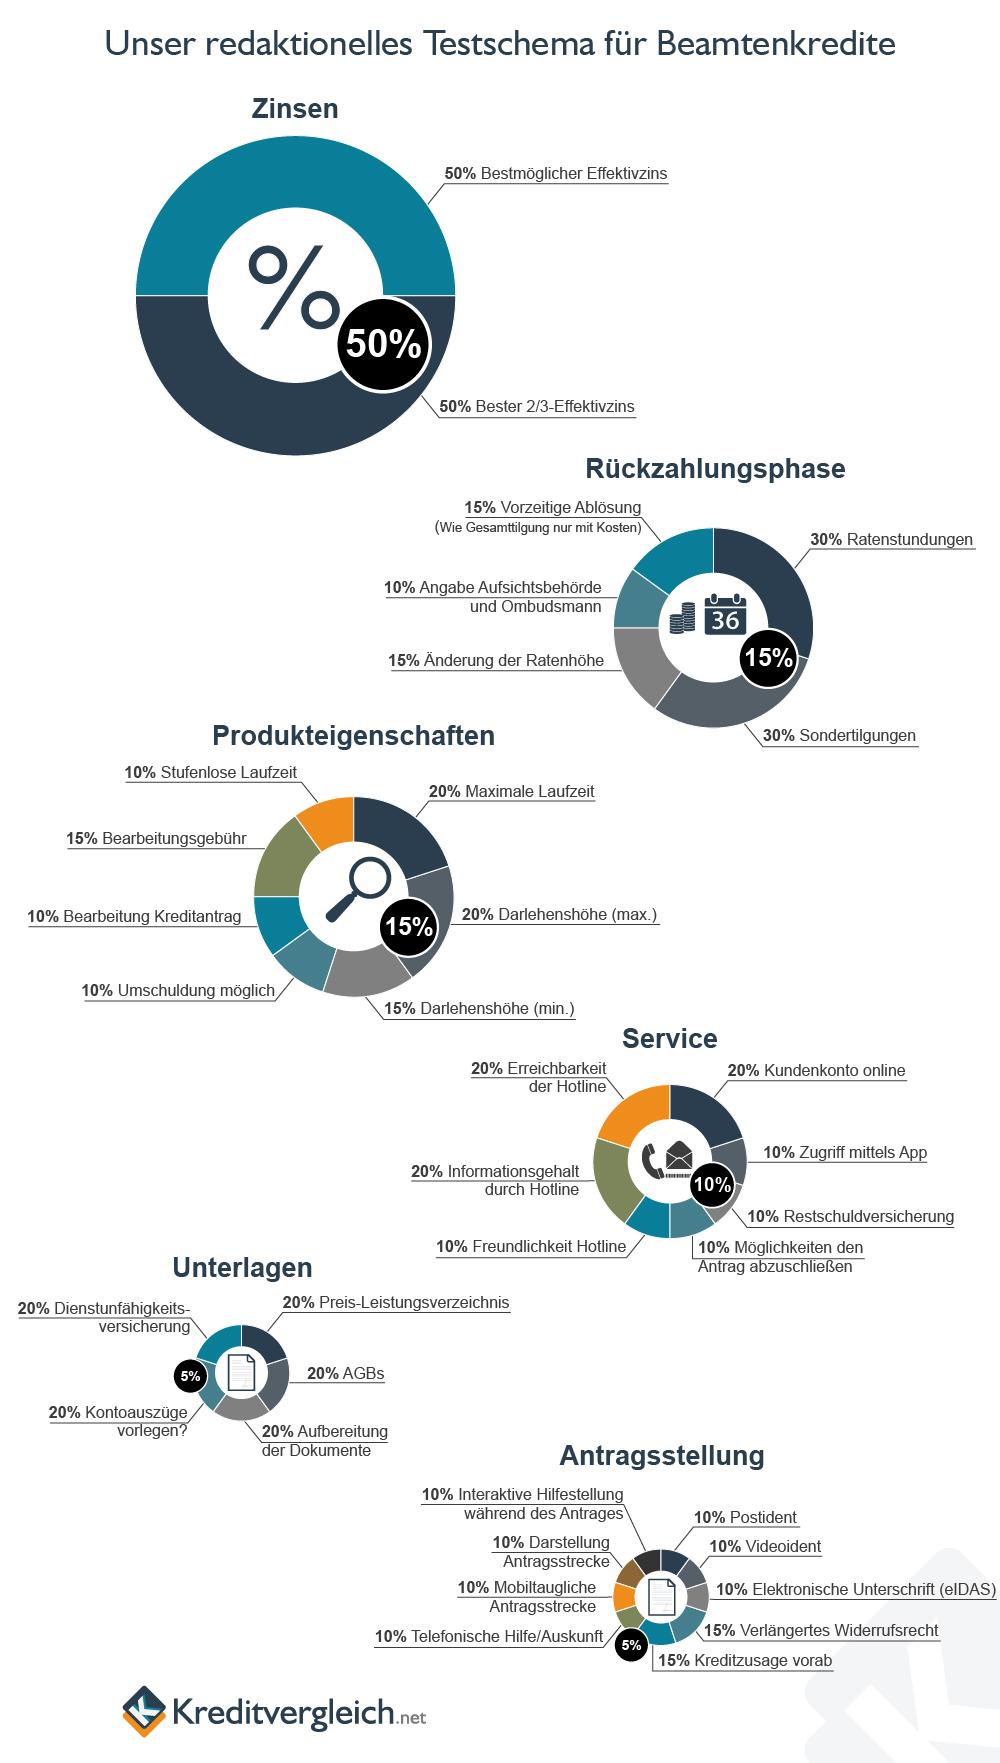 Eine Infografik mit Kreisdiagrammen über unser redaktionelles Testschema für Beamtenkredite